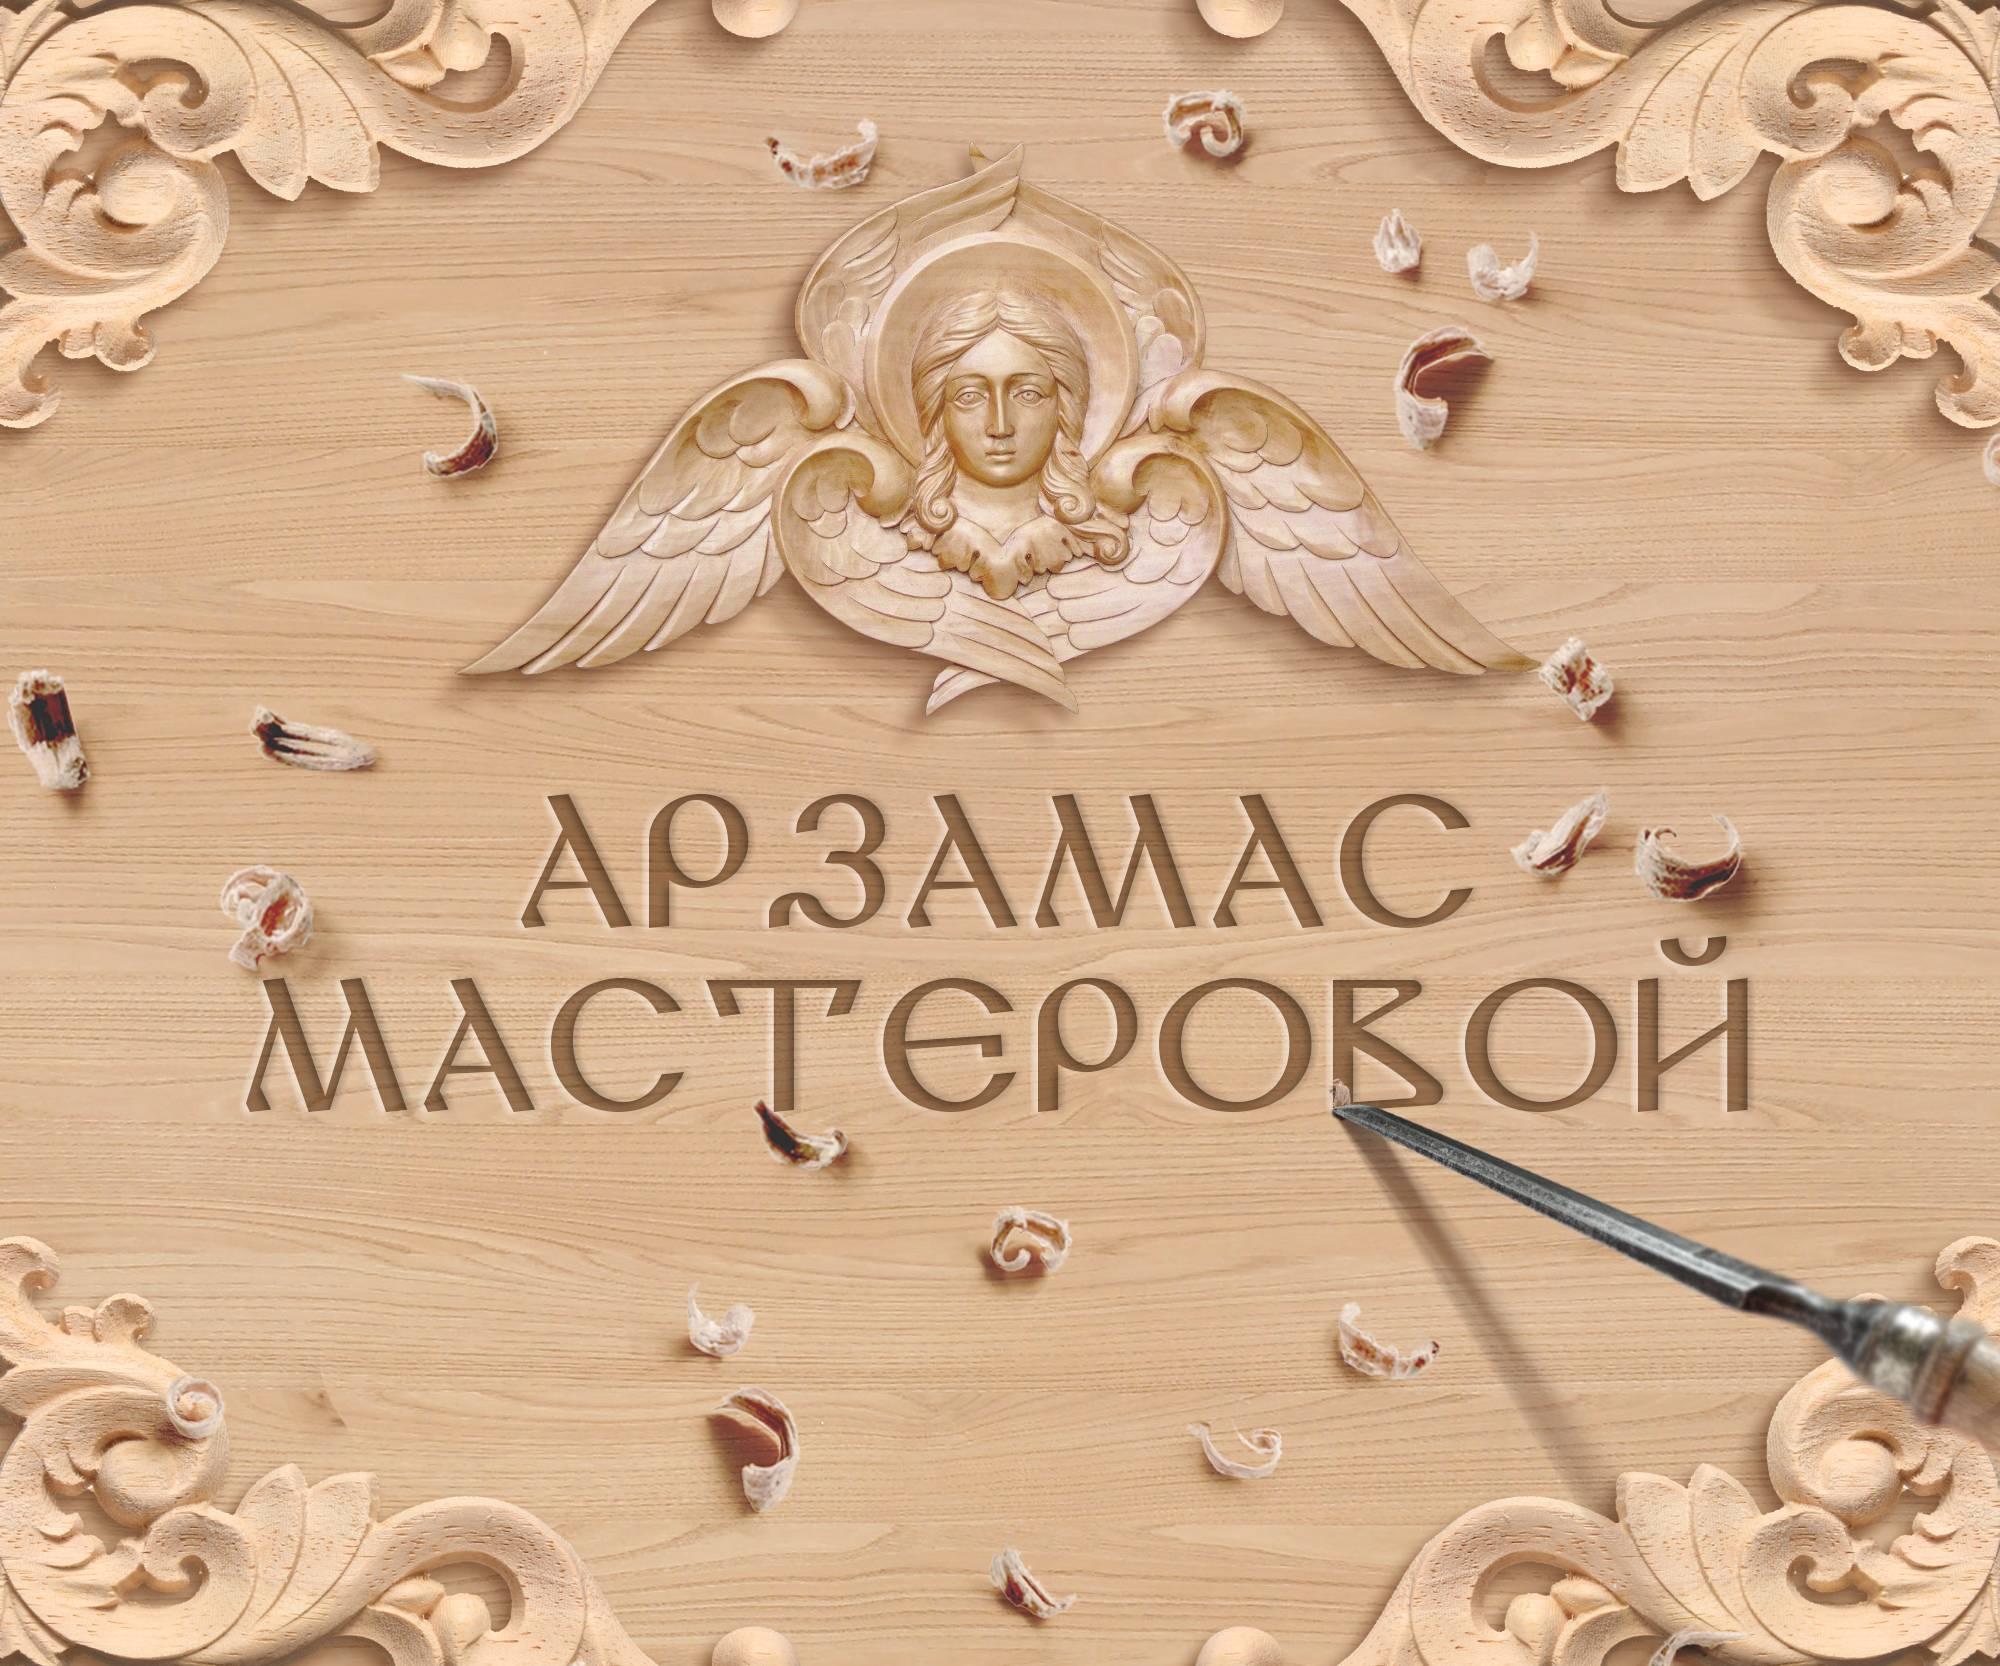 Резных дел мастера: фоторассказ из самого сердца деревянного зодчества в Арзамасе